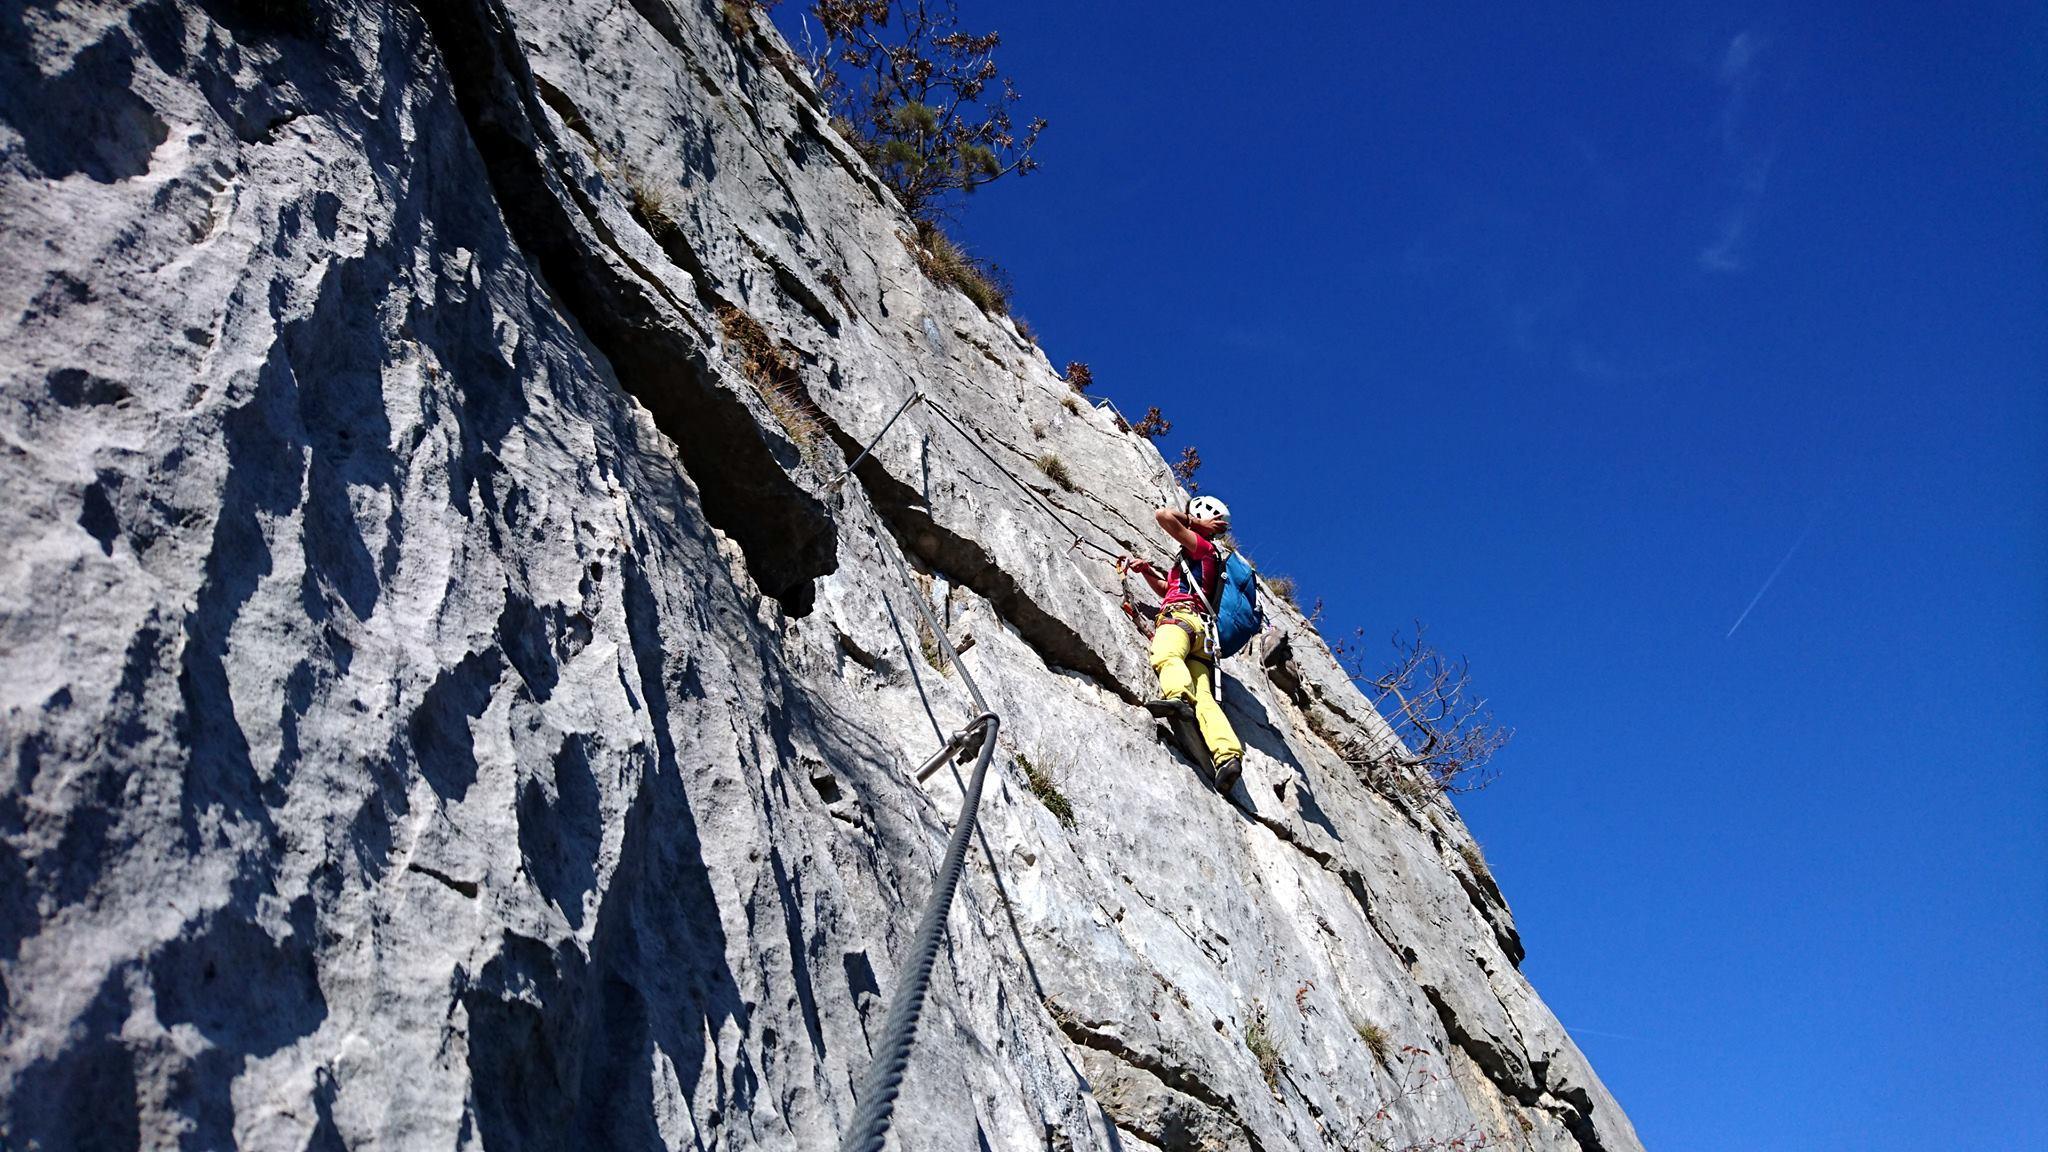 A metà dell'ultimo muro, ci sono circa 3 metri di traverso verso destra nel vuoto e poi si riparte in verticale verso la cima.Molto estetico e divertente